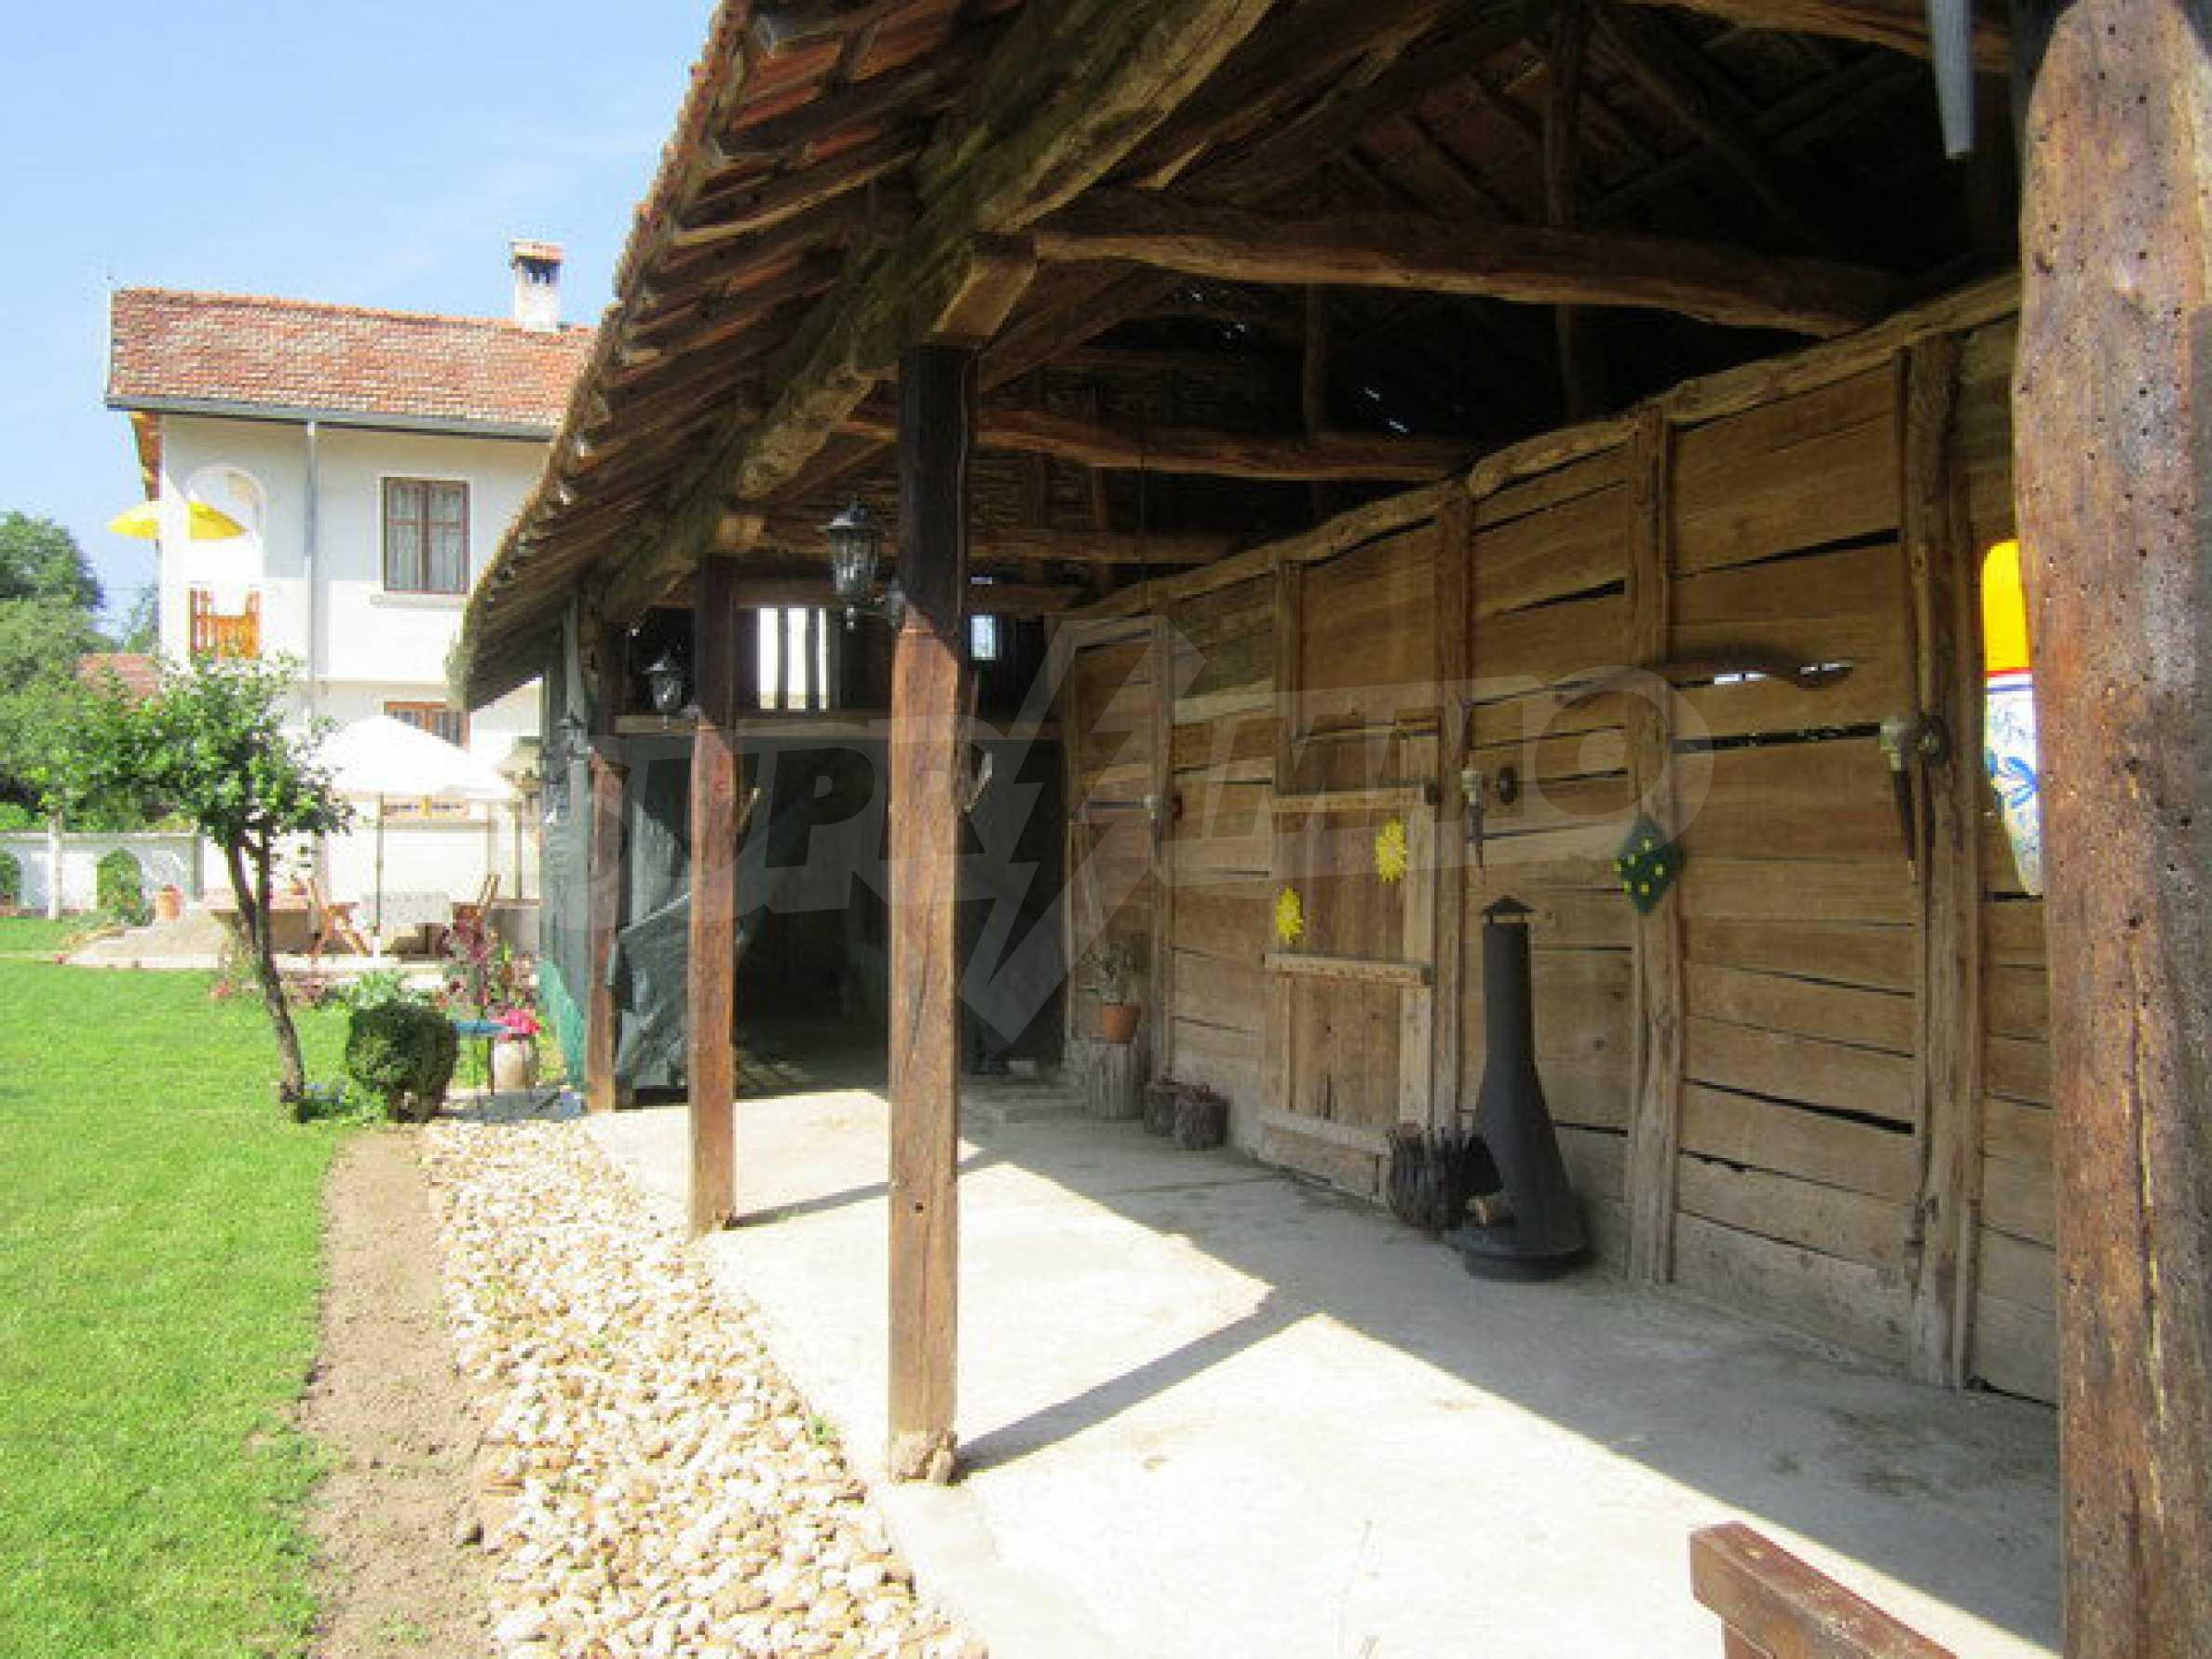 Geräumiges ländliches Anwesen mit einem Garten 20 km. von Veliko Tarnovo 30